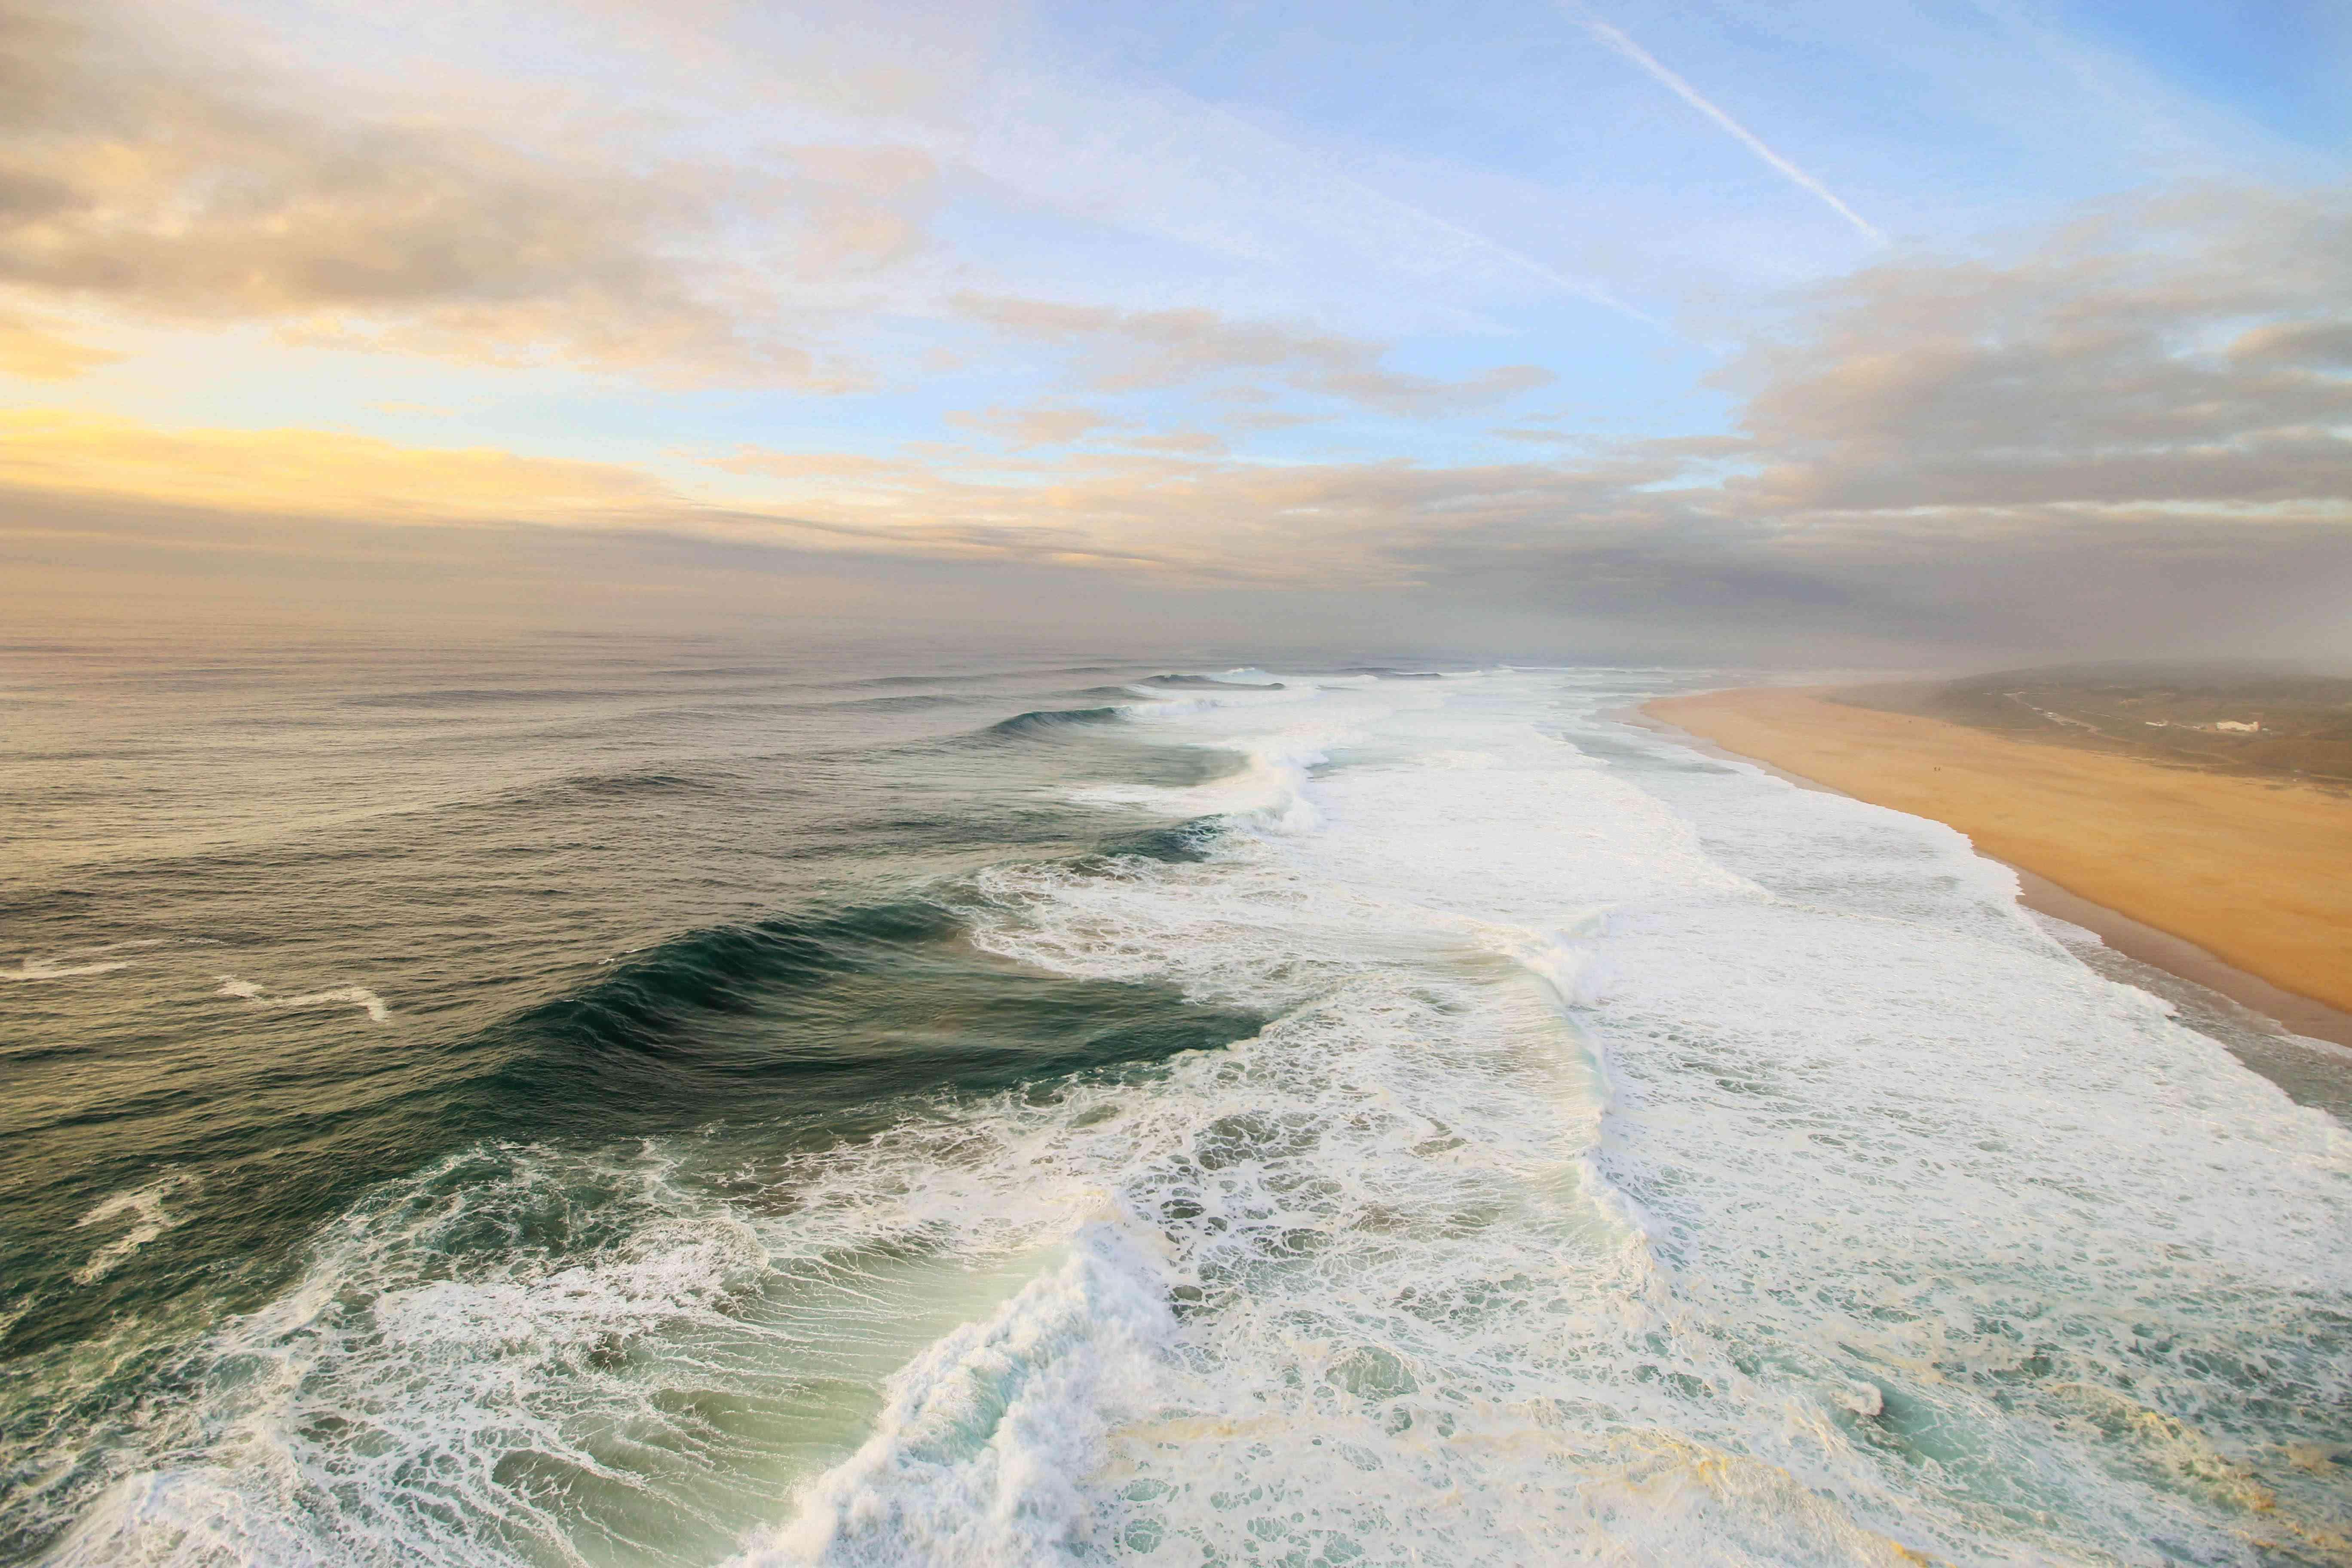 Grandes olas en una playa en Portugal